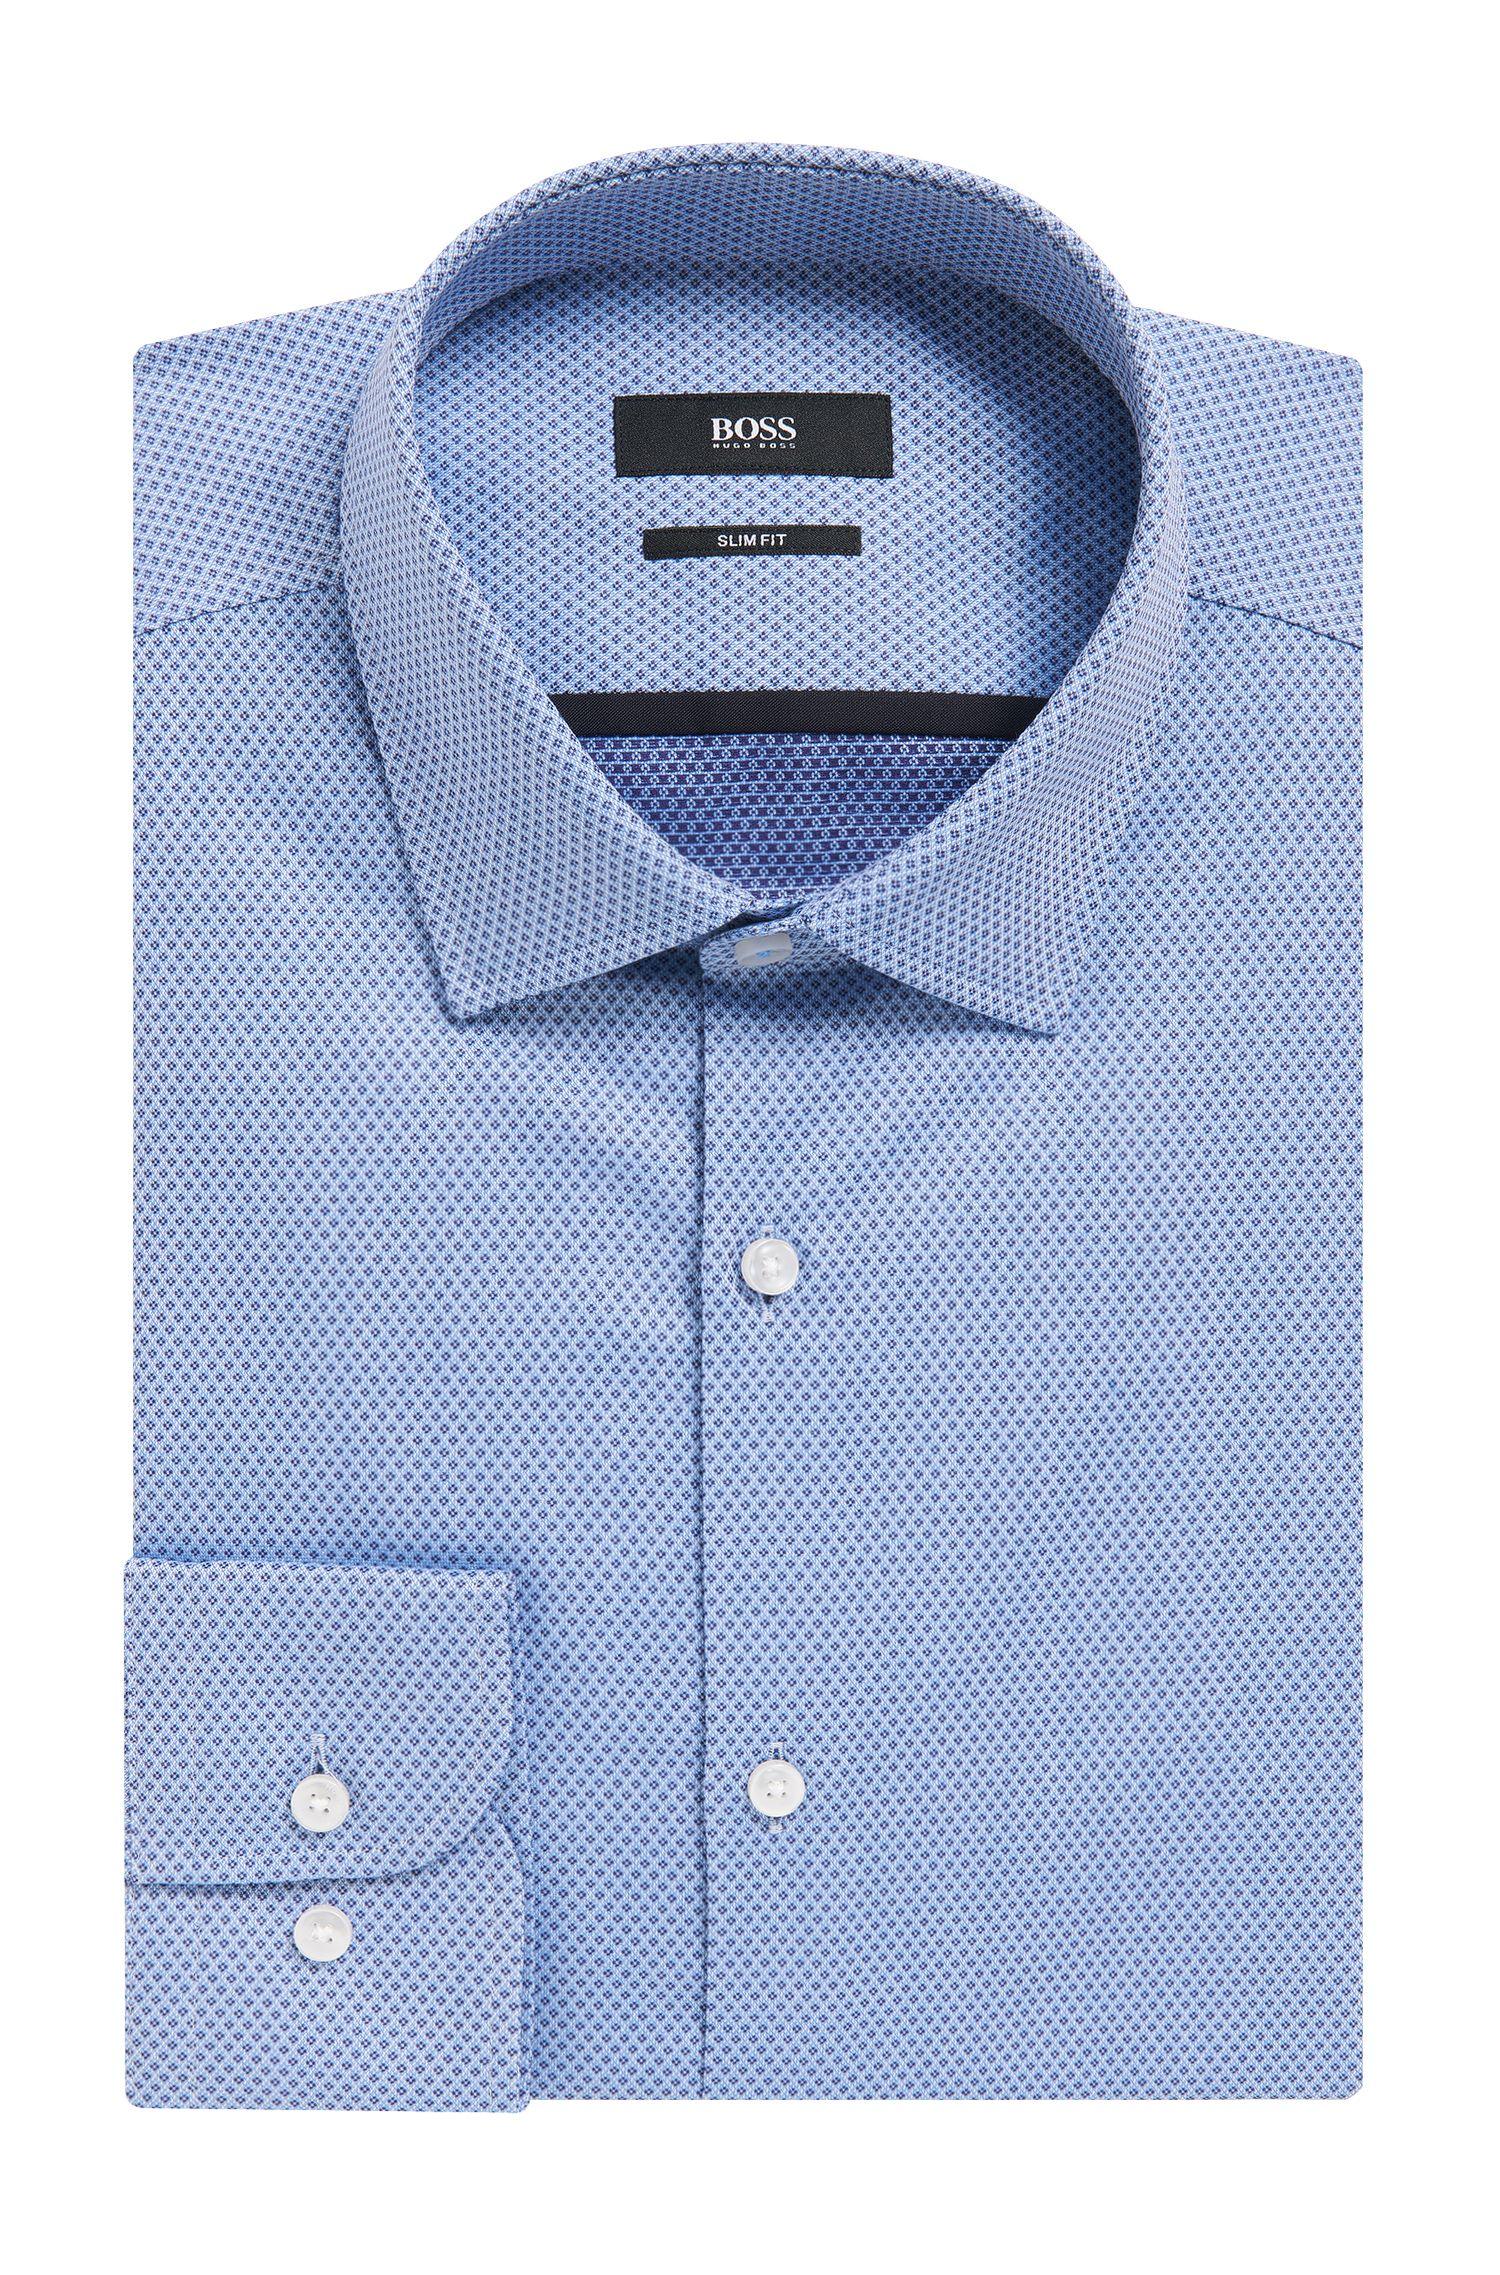 Cotton Dress Shirt, Slim Fit | Jerrin